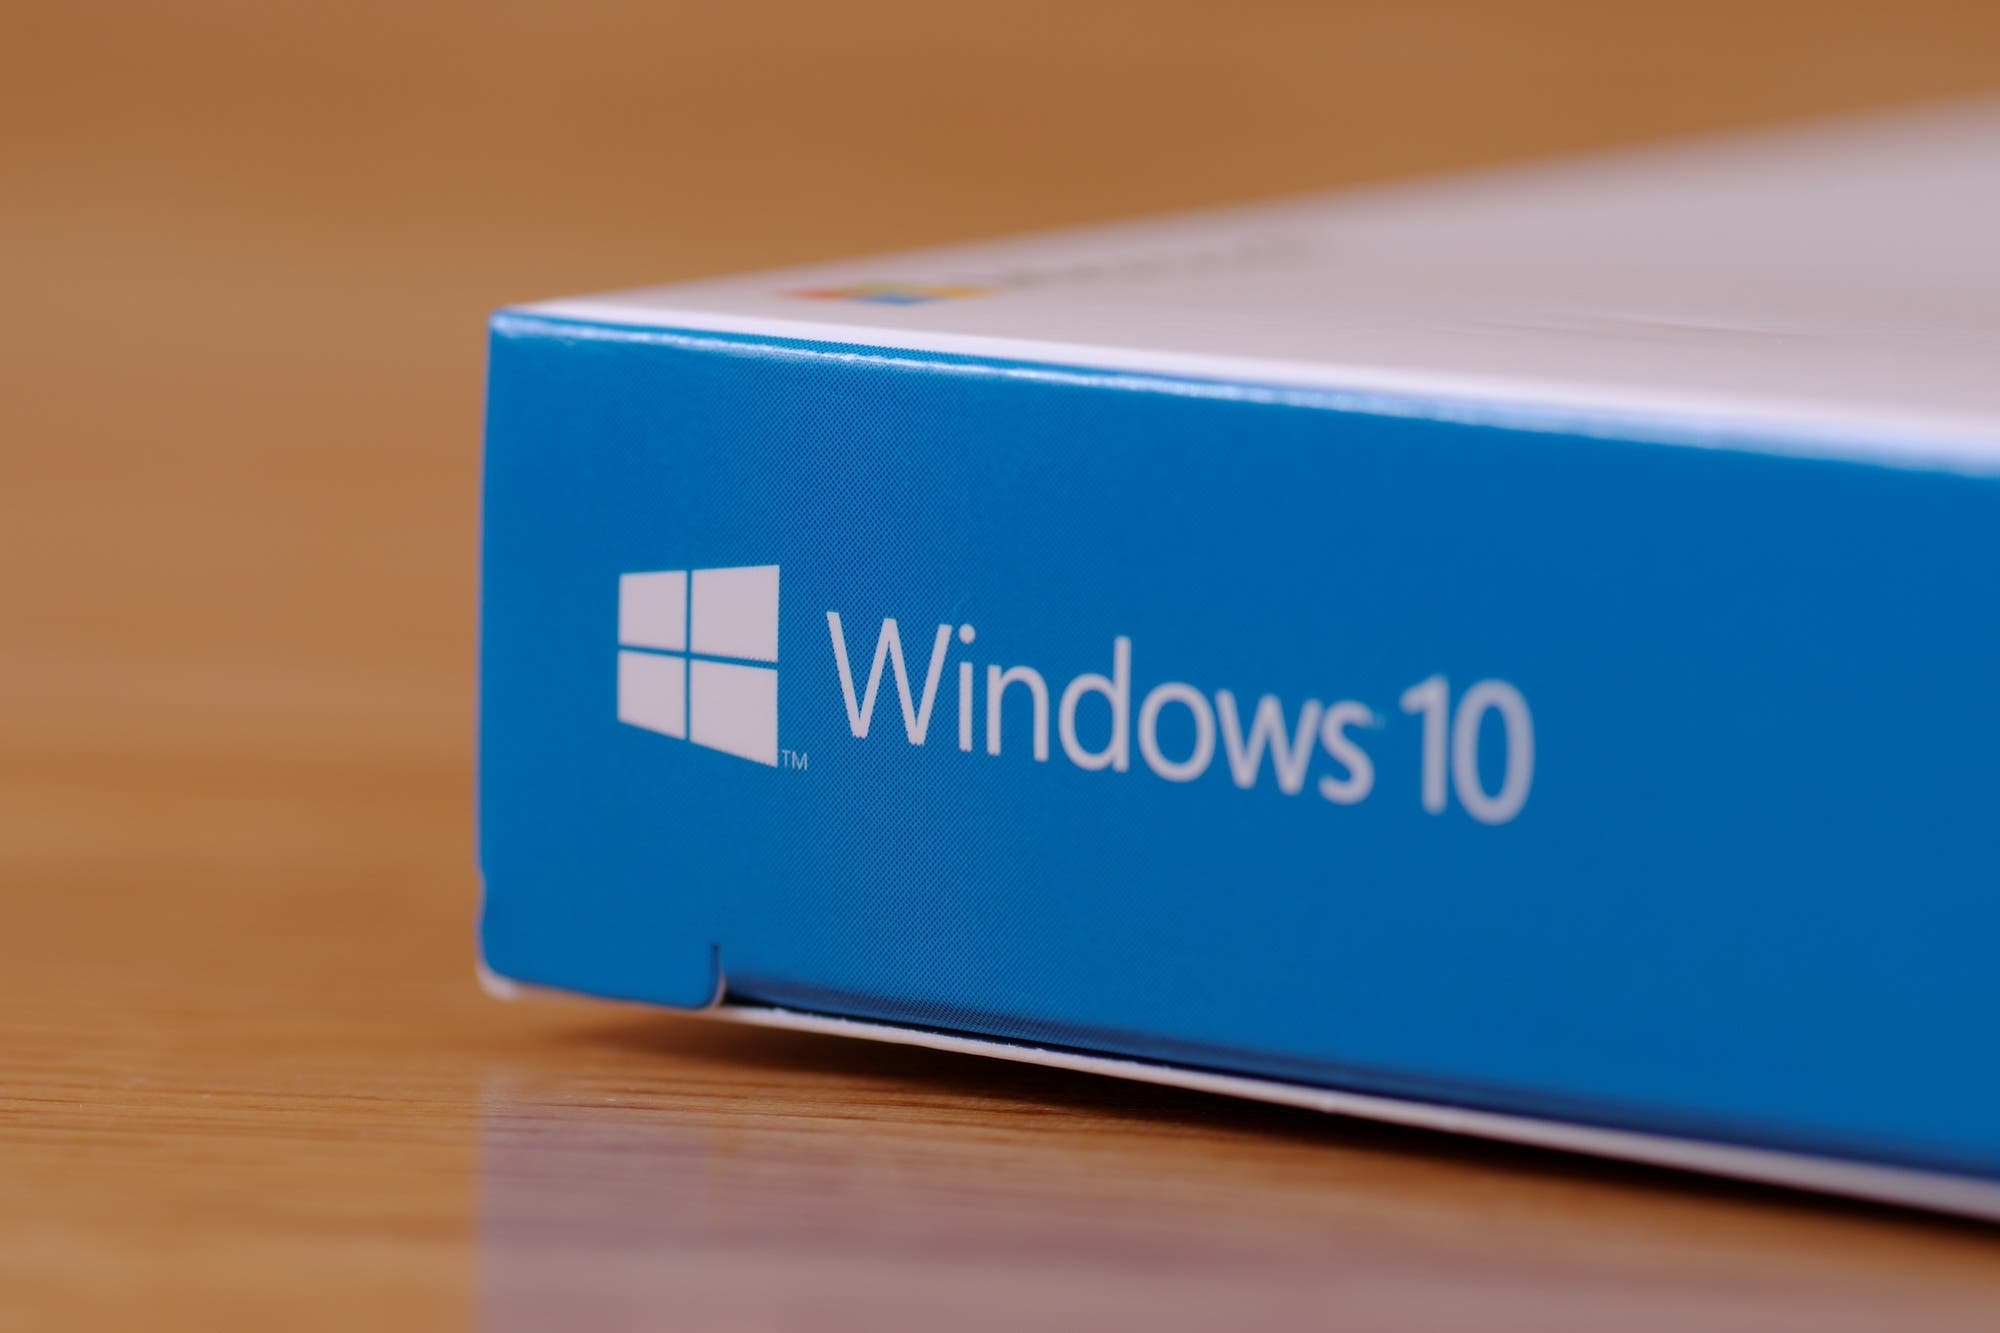 Windows 7 deja de tener soporte: cómo actualizarlo gratis a Windows 10